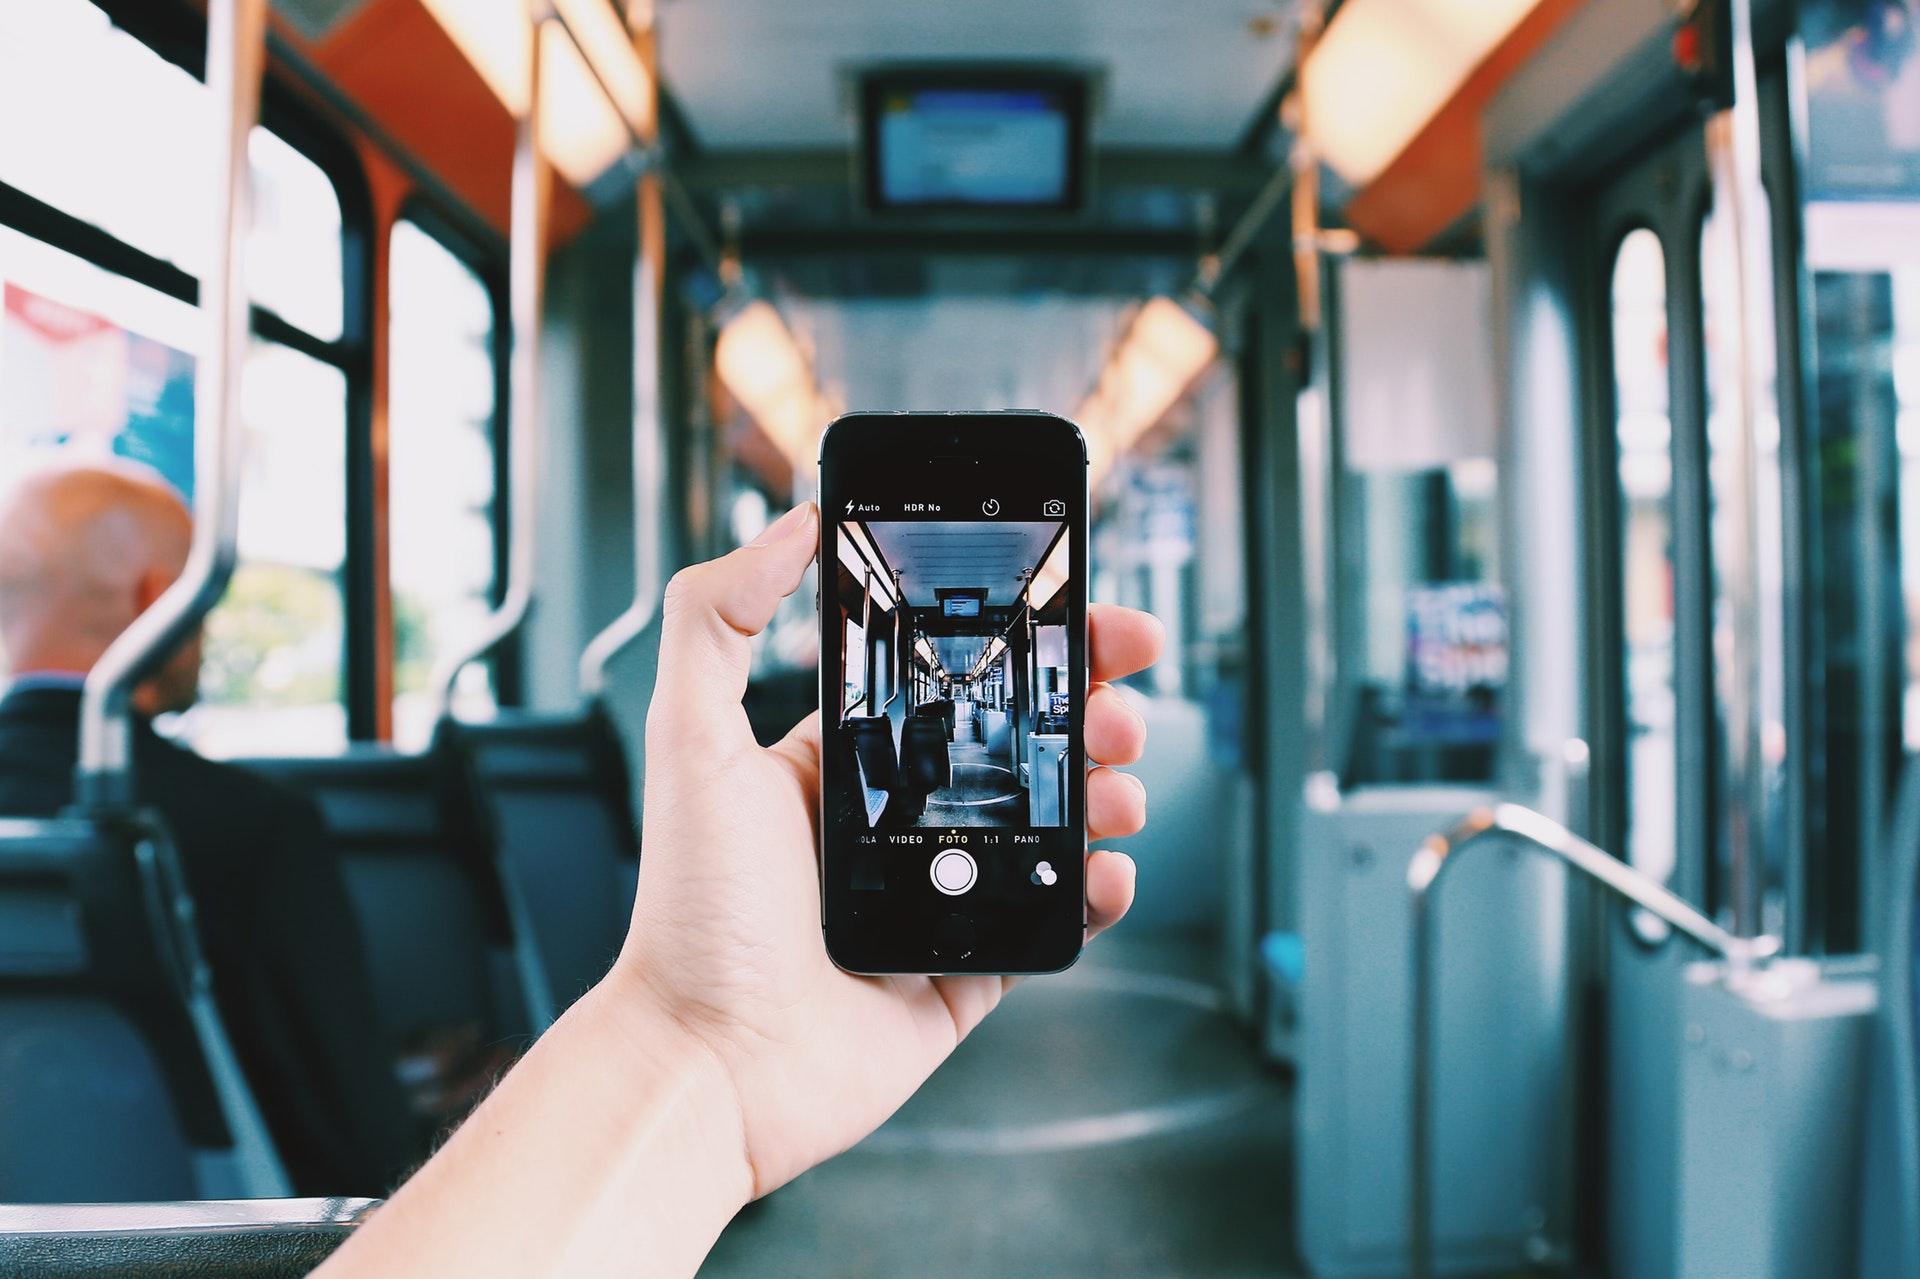 Hand hält Smartphone in einem leeren Linienbus hoch.